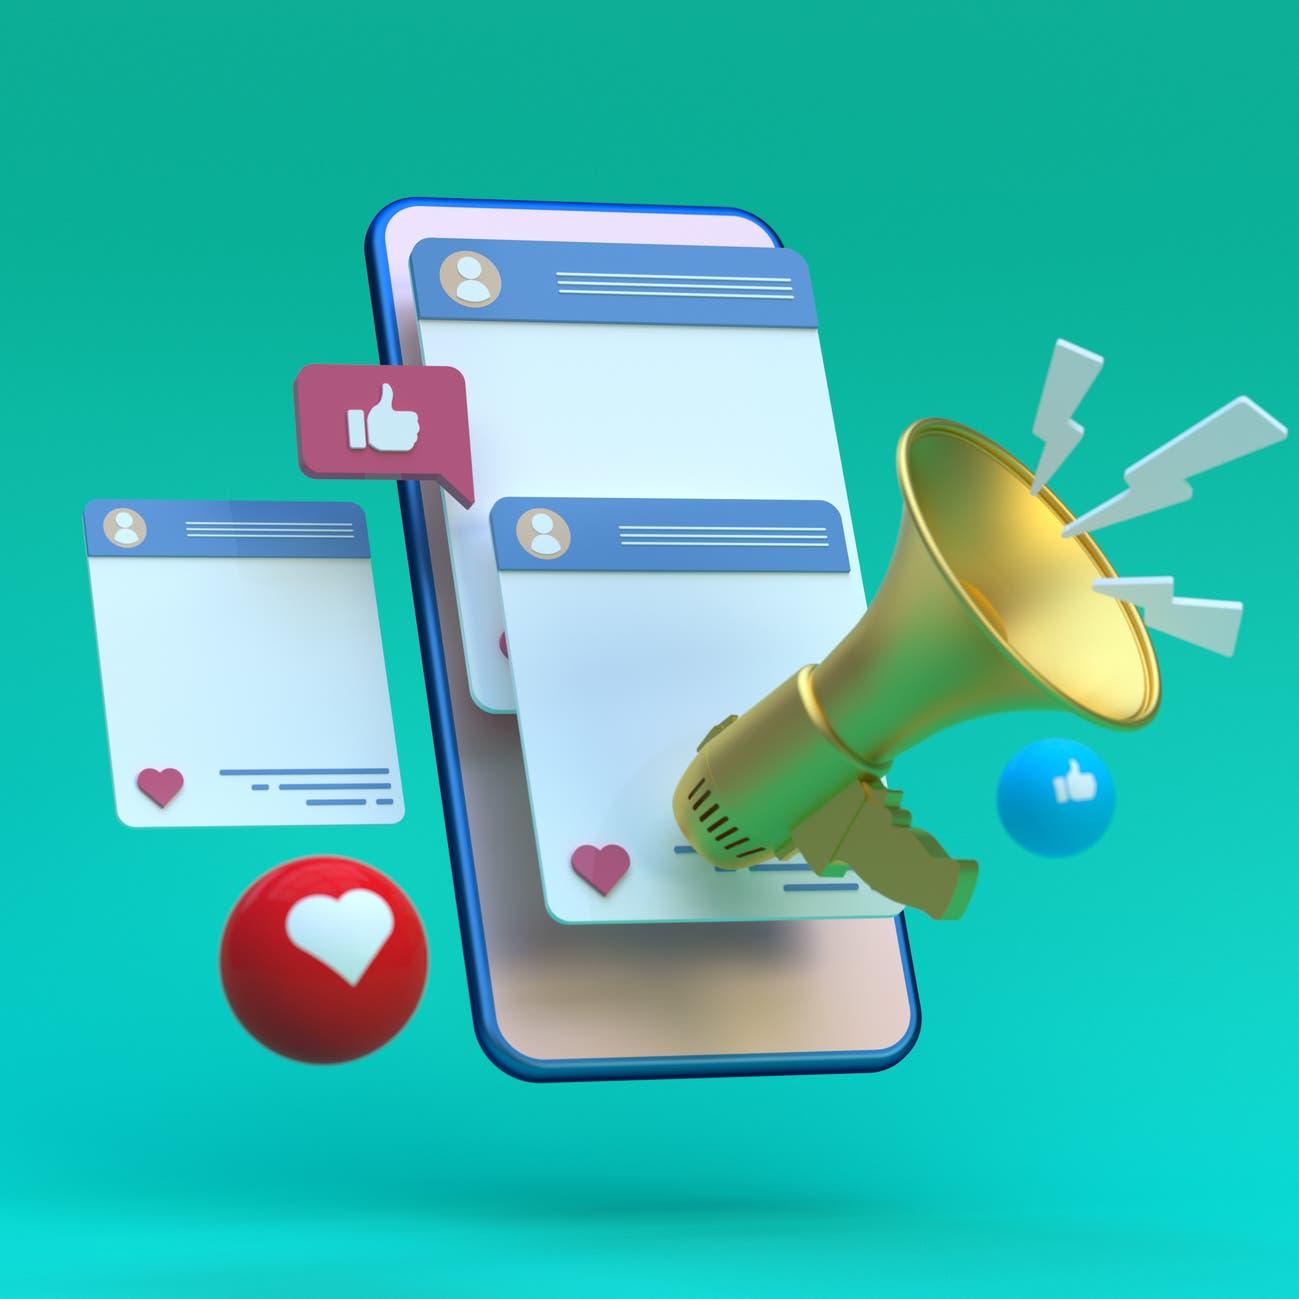 فيسبوك وانستغرام سيسمحان للمستخدمين بإخفاء عدد الإعجاب